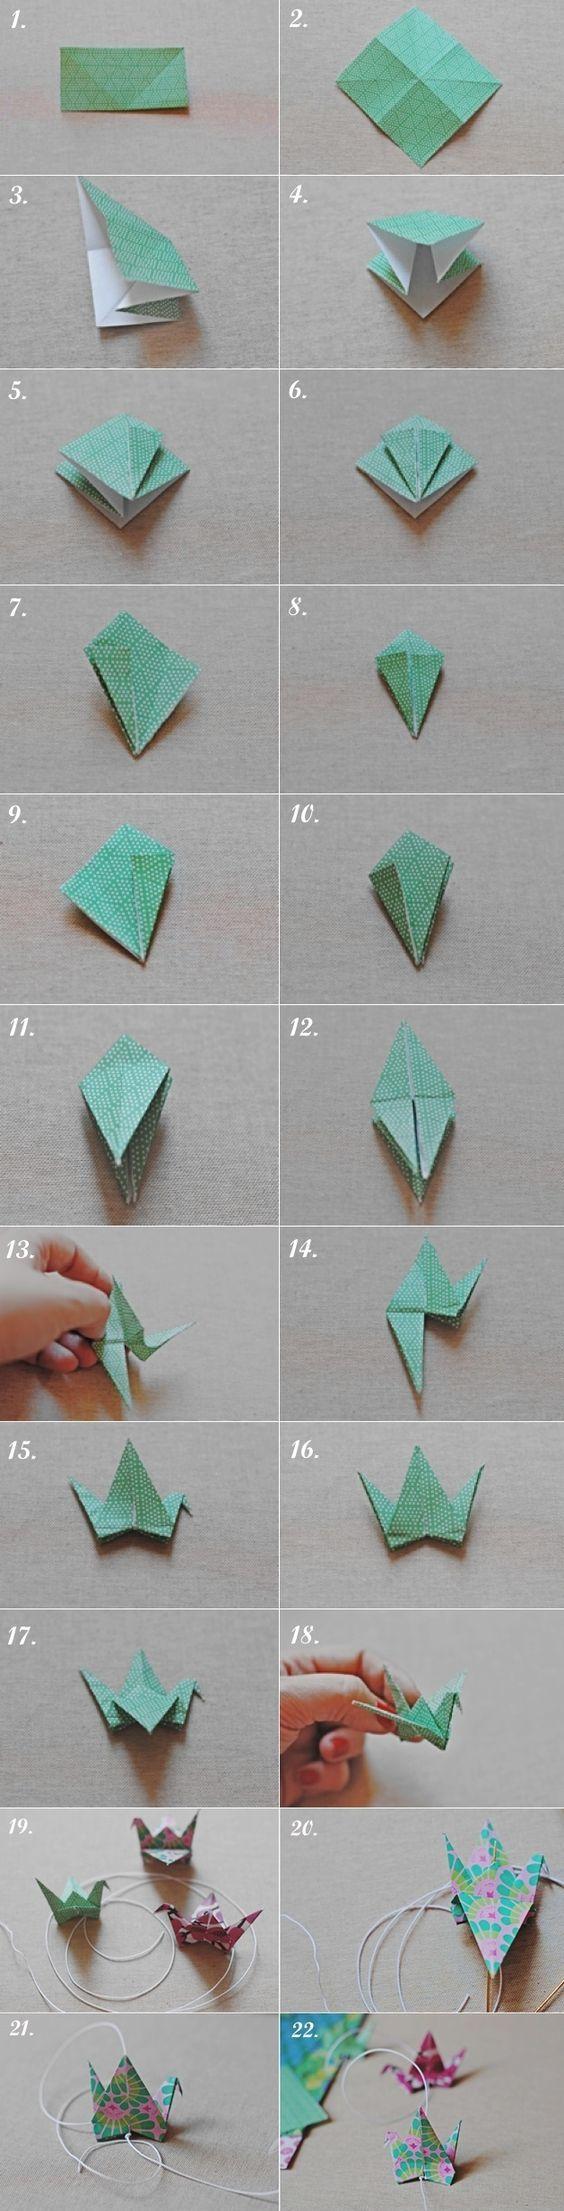 DIY. Cortina de grullas de origami/Origami crane curtain: